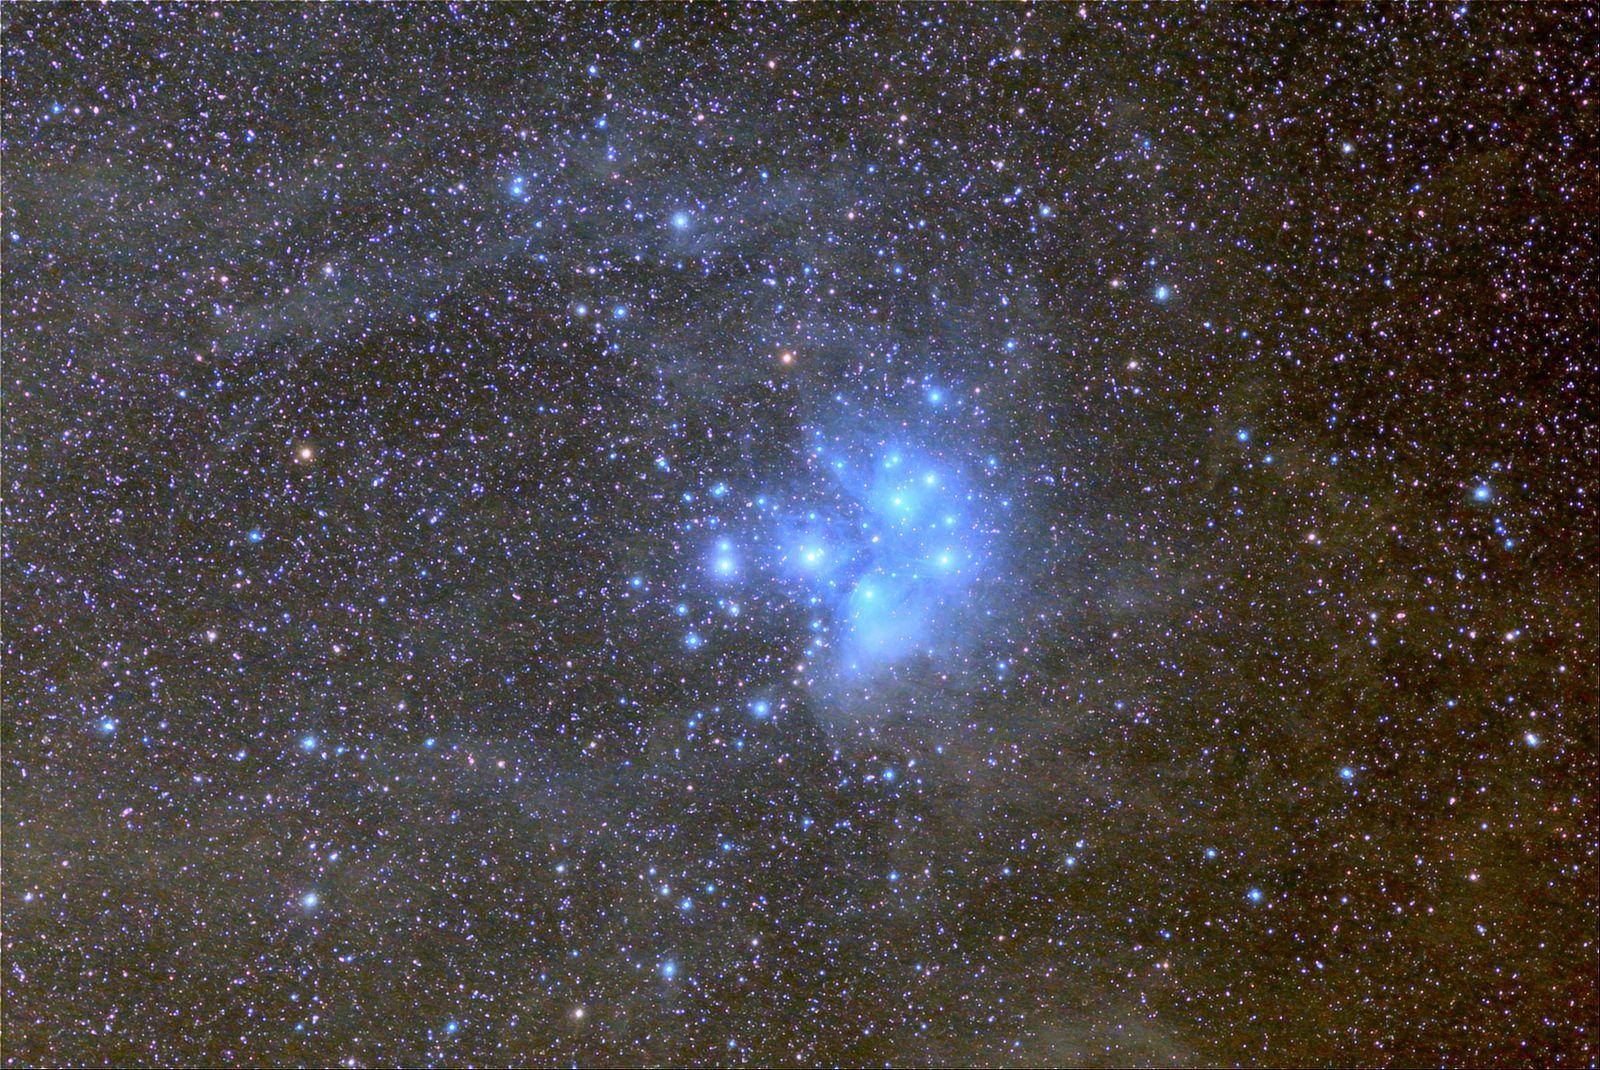 M45_en_sp180mmf4_145min_2